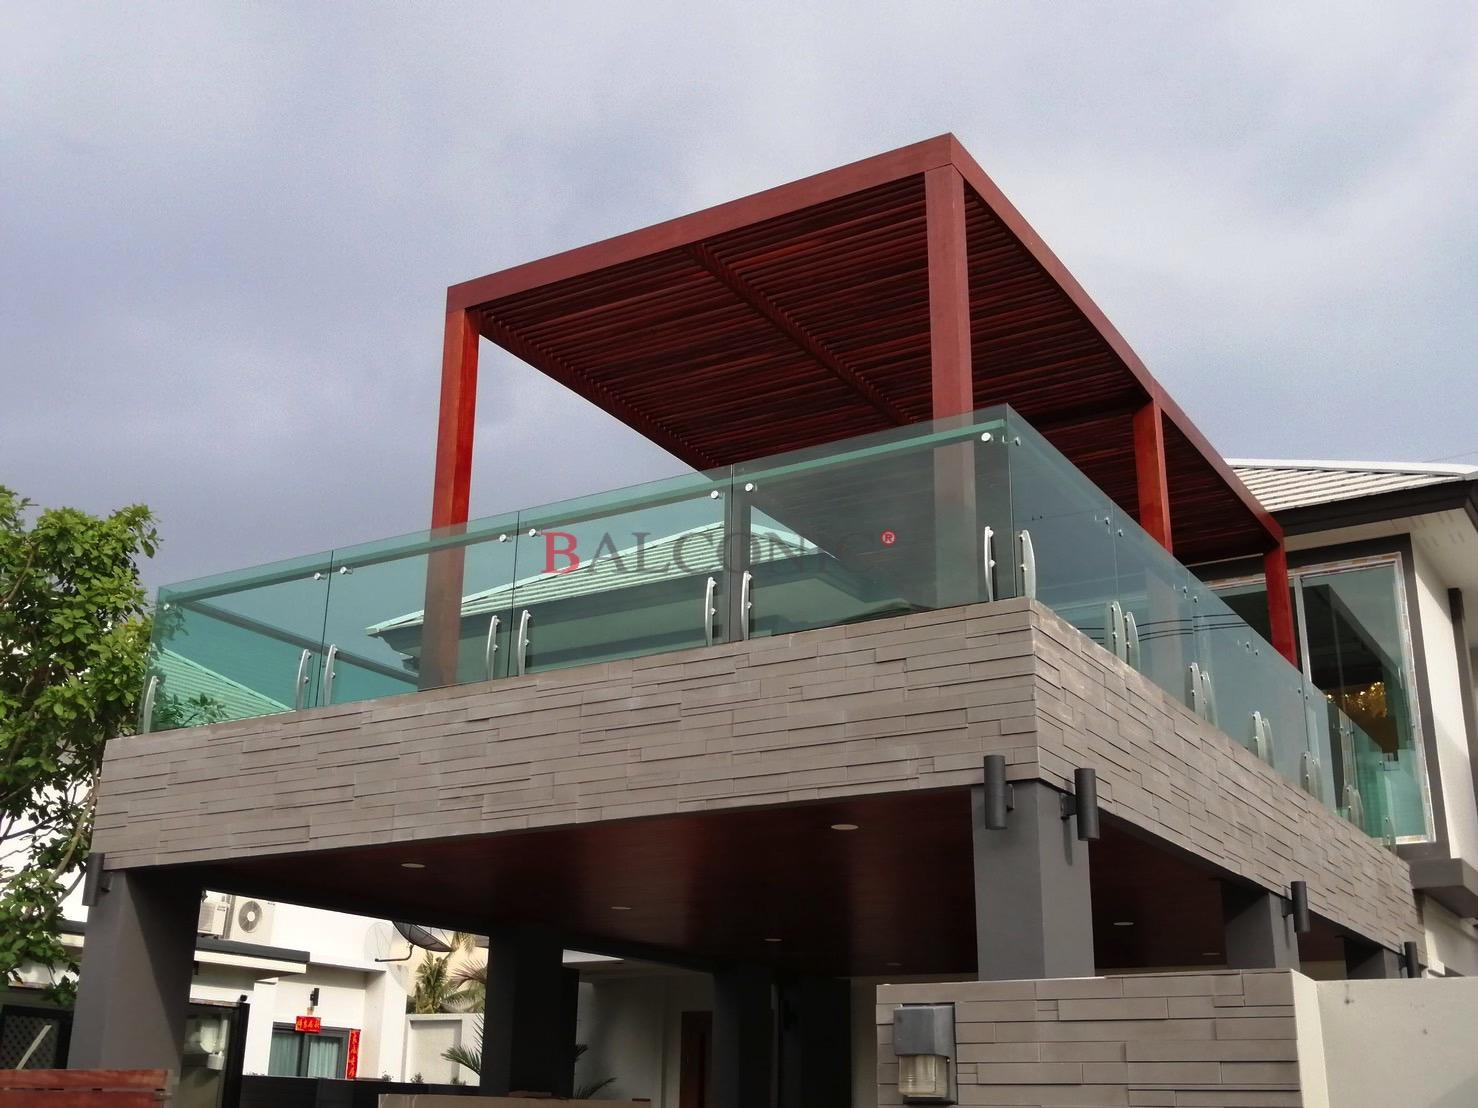 ราวระเบียงกระจก SF-9005 balconic design